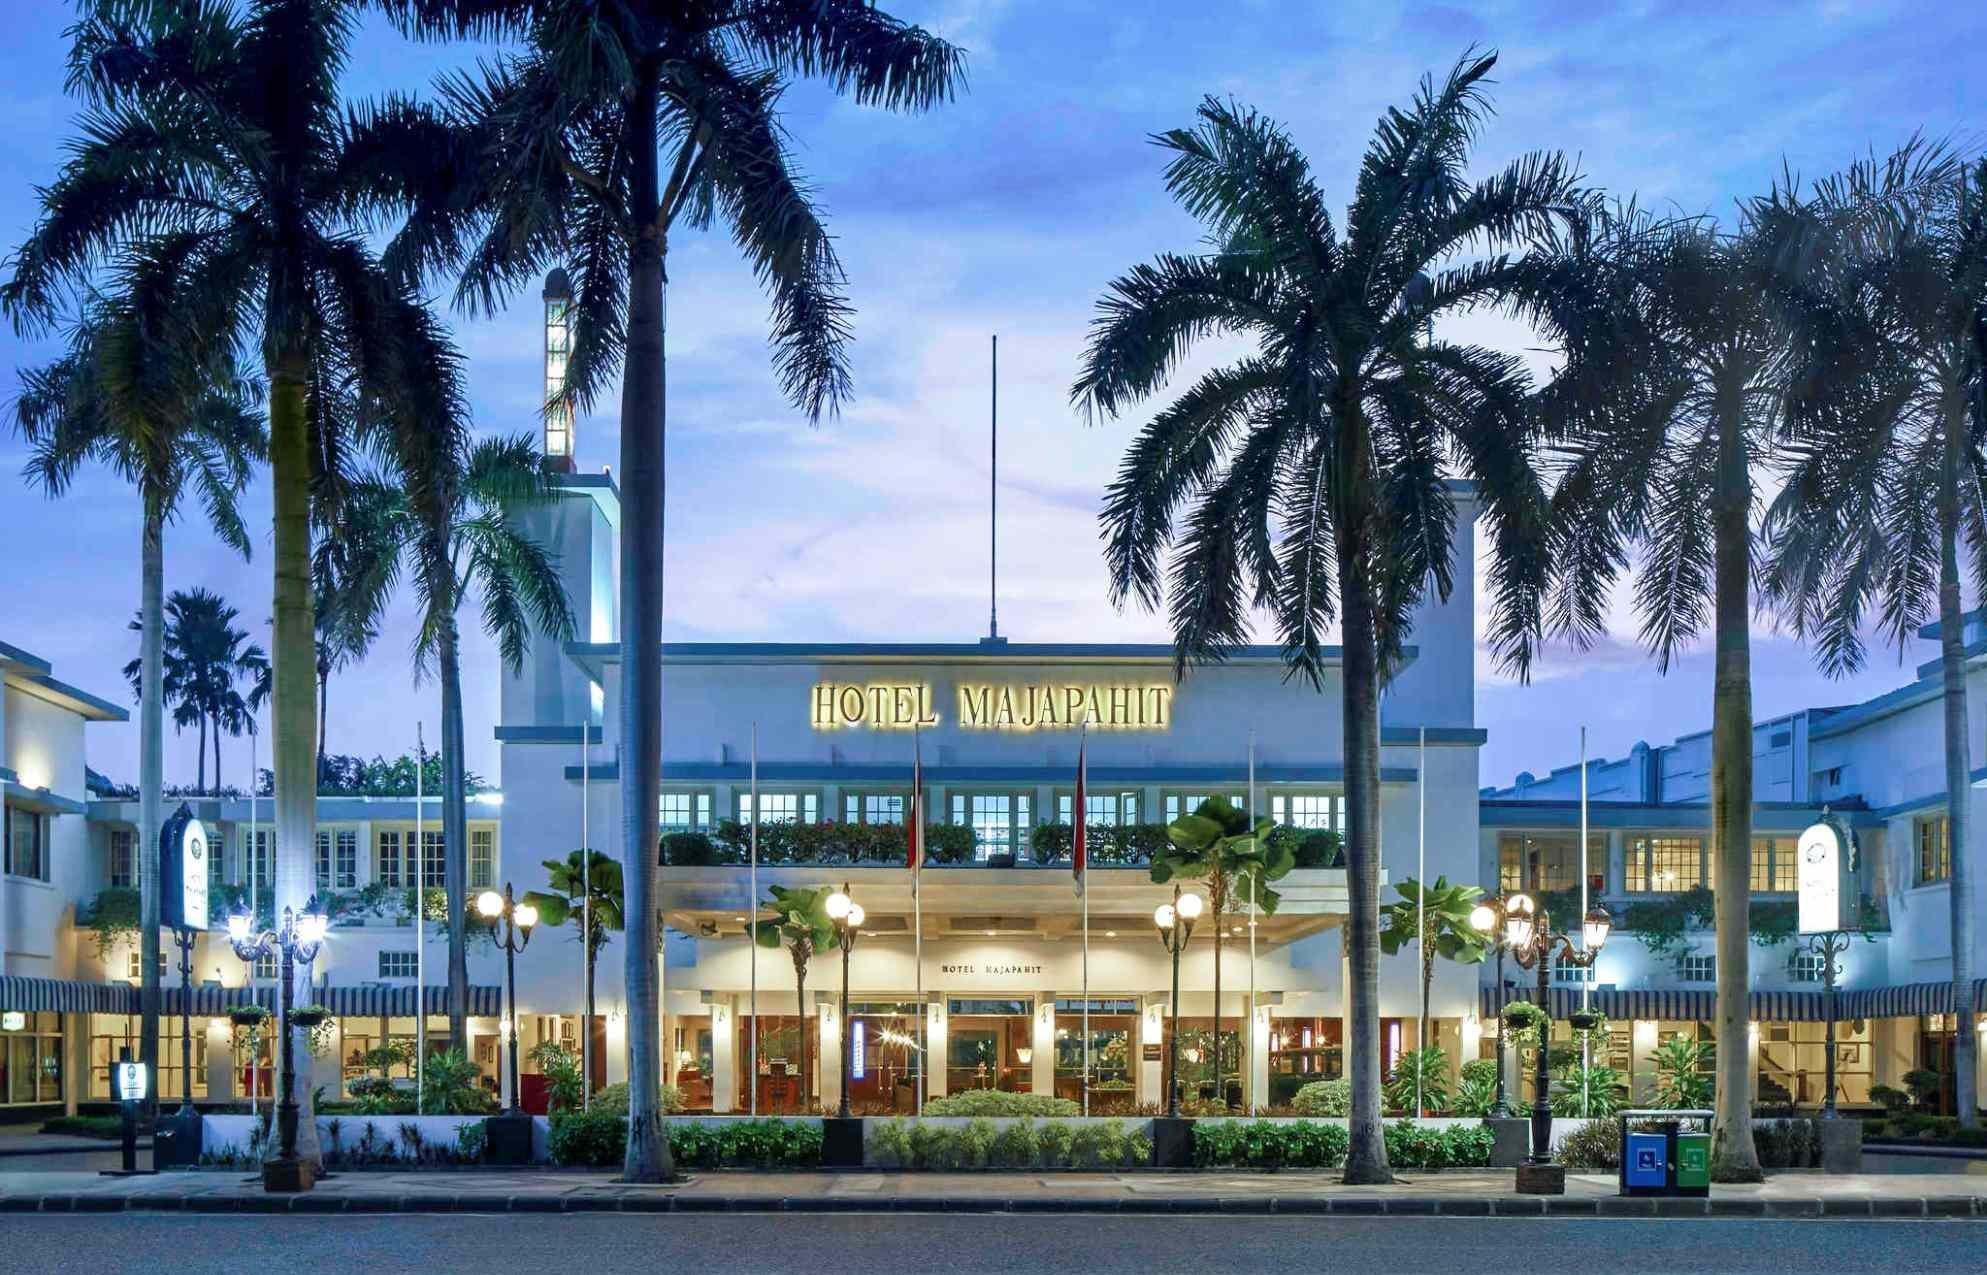 Surabaya - Majapahit hotel